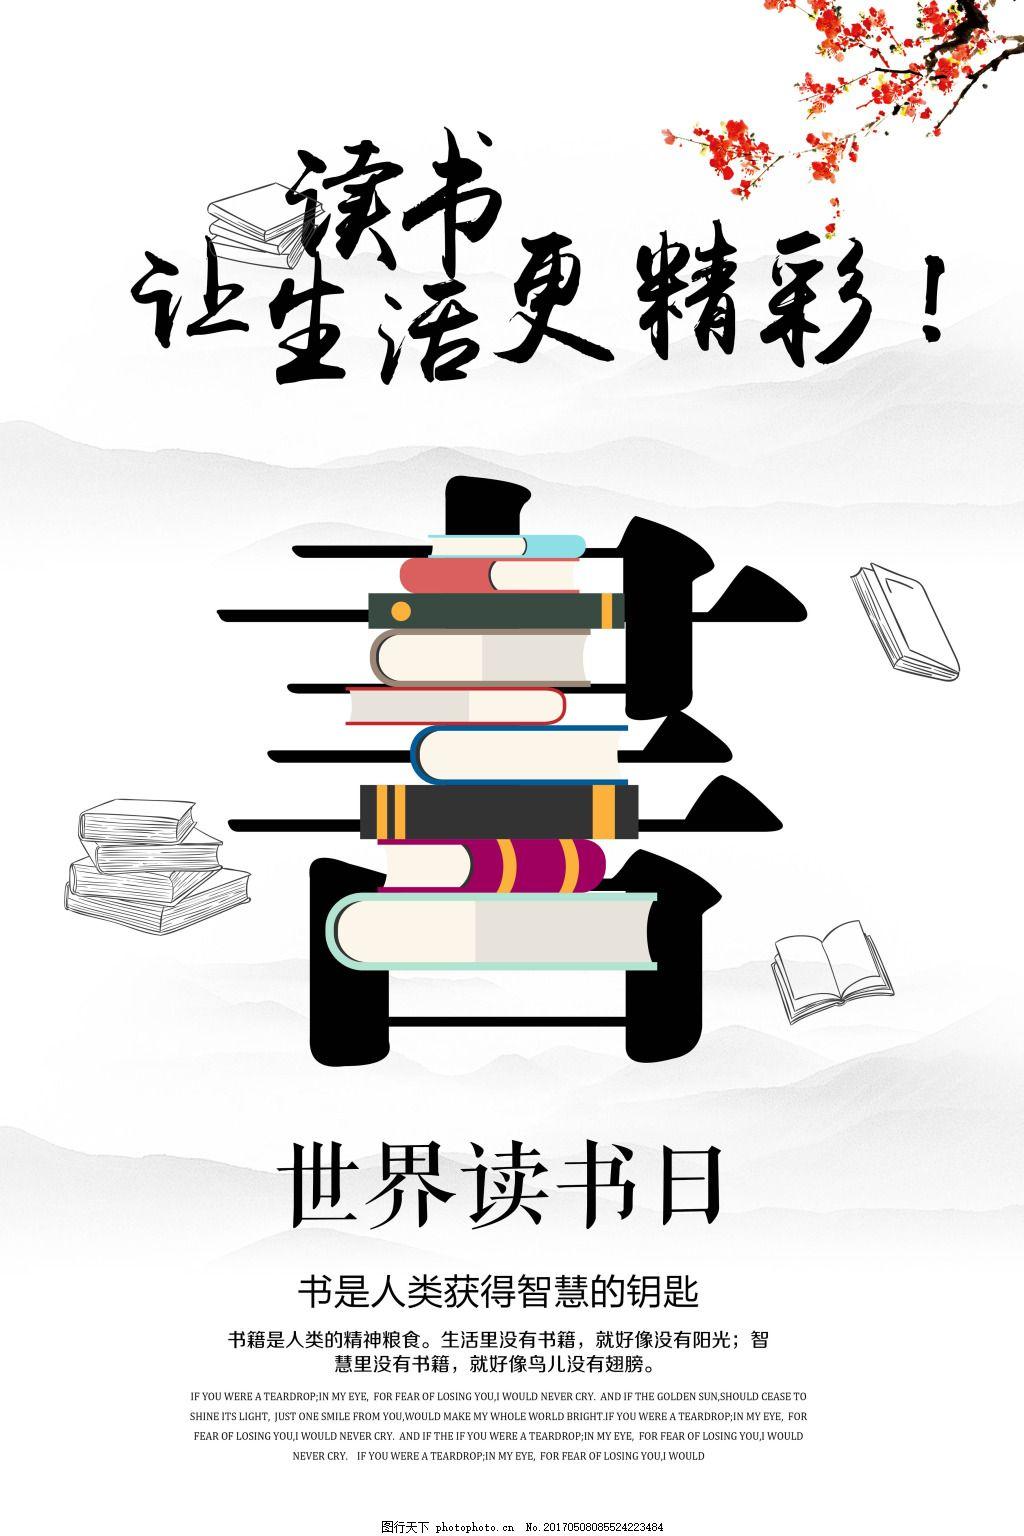 世界读书日创意海报设计 读书 学生 书籍 老师 大学生 研究生